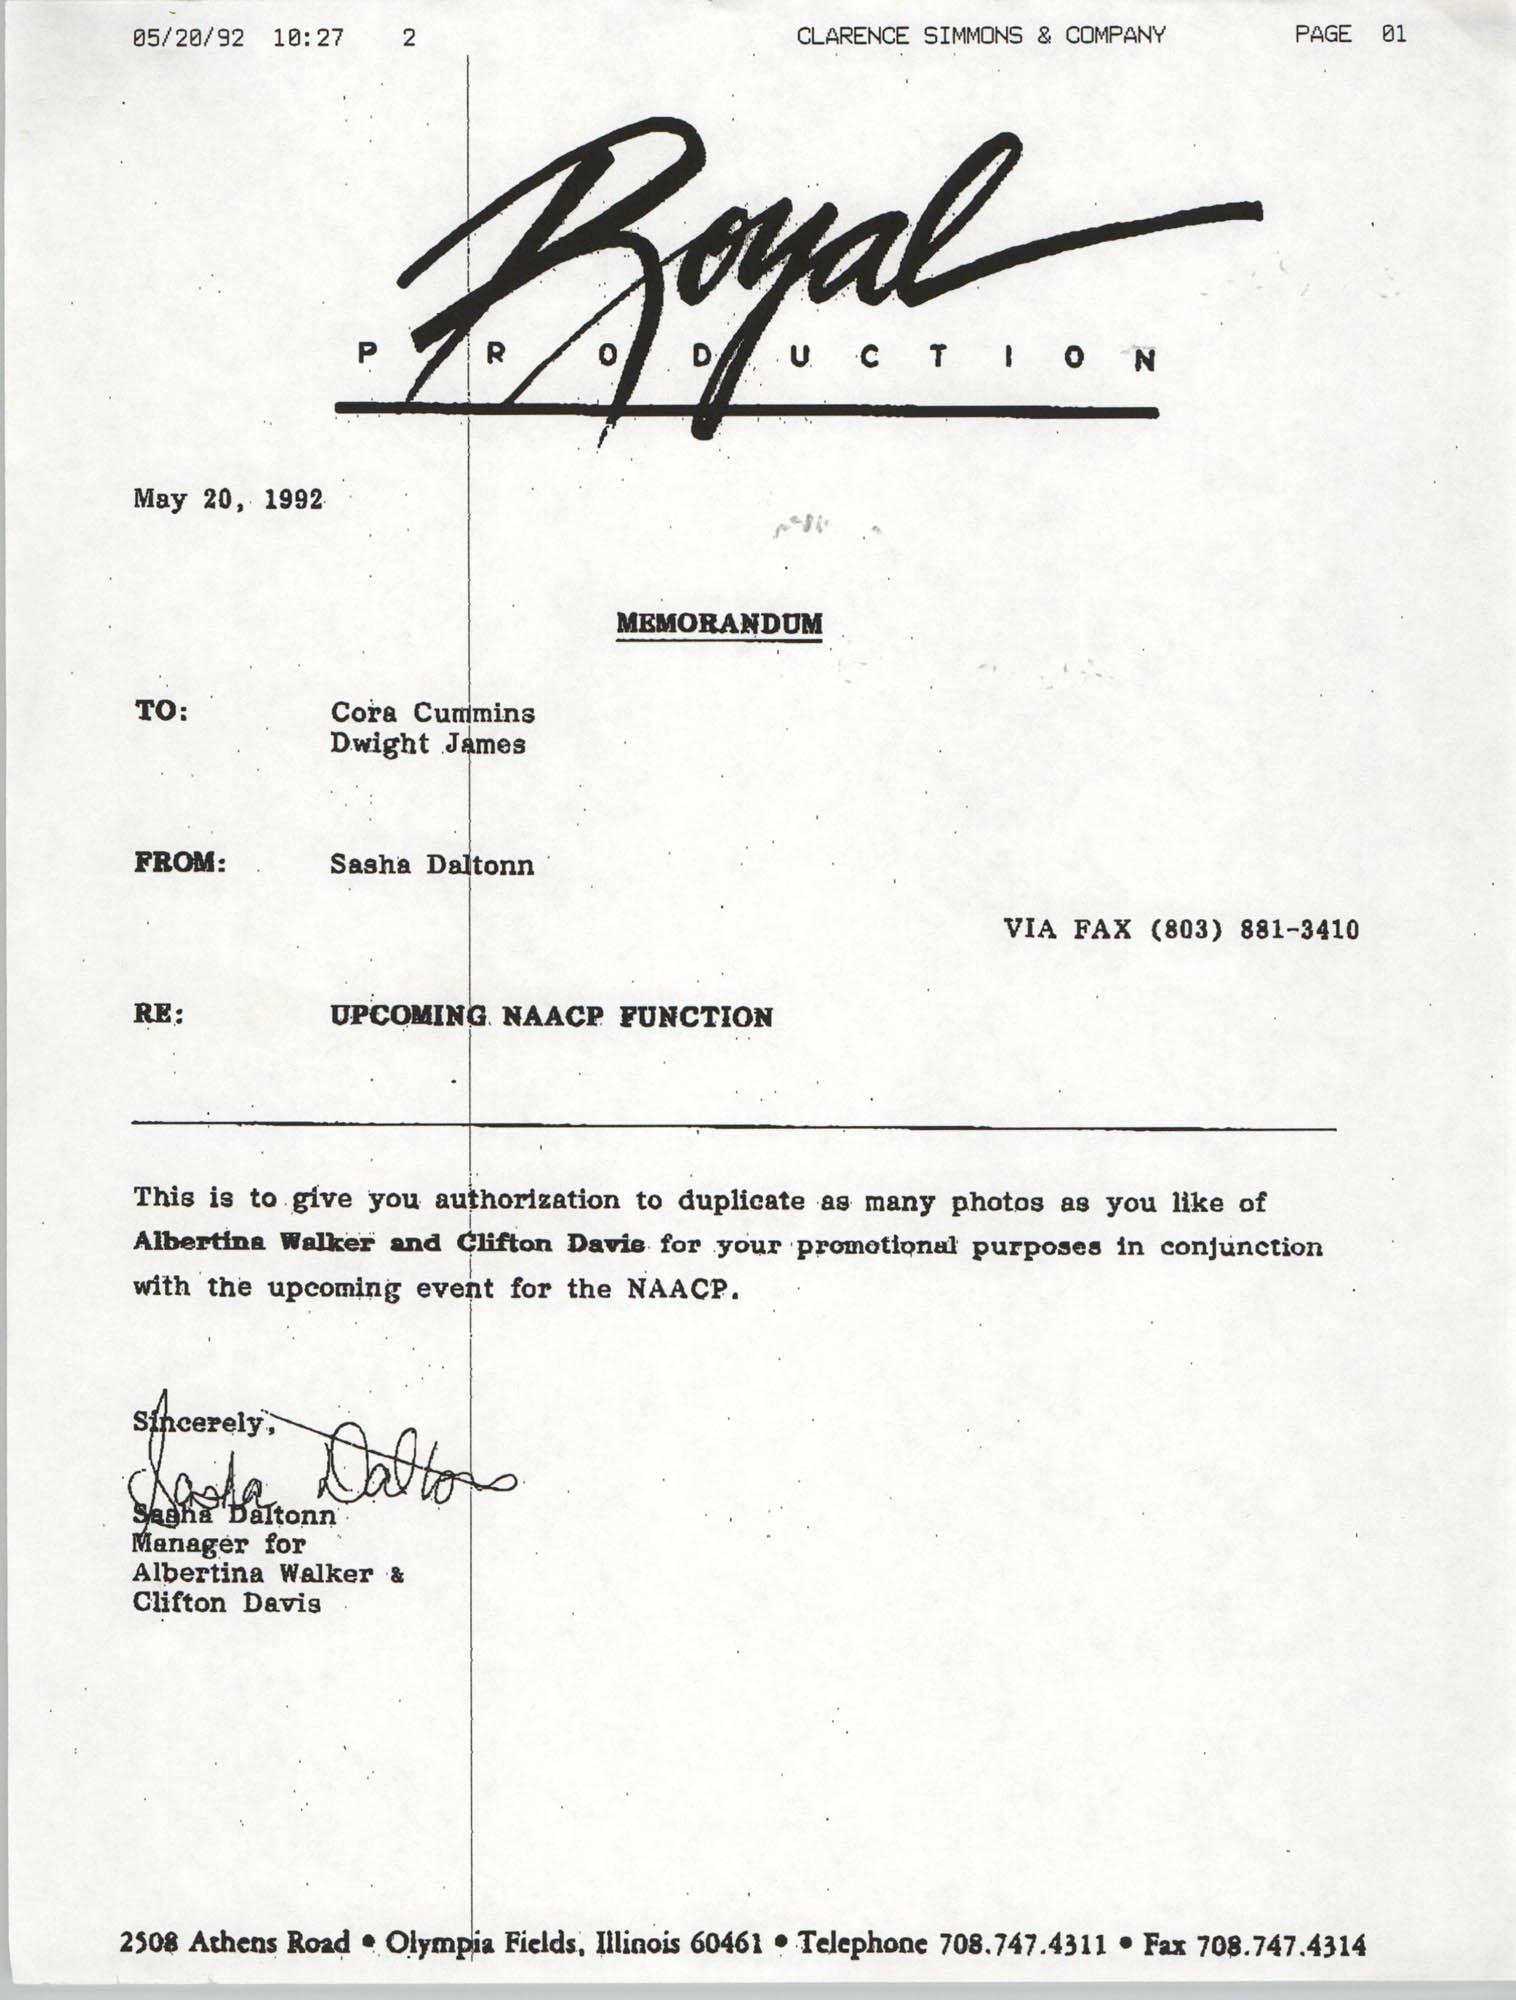 Memorandum, Sasha Daltonn, May 20, 1992